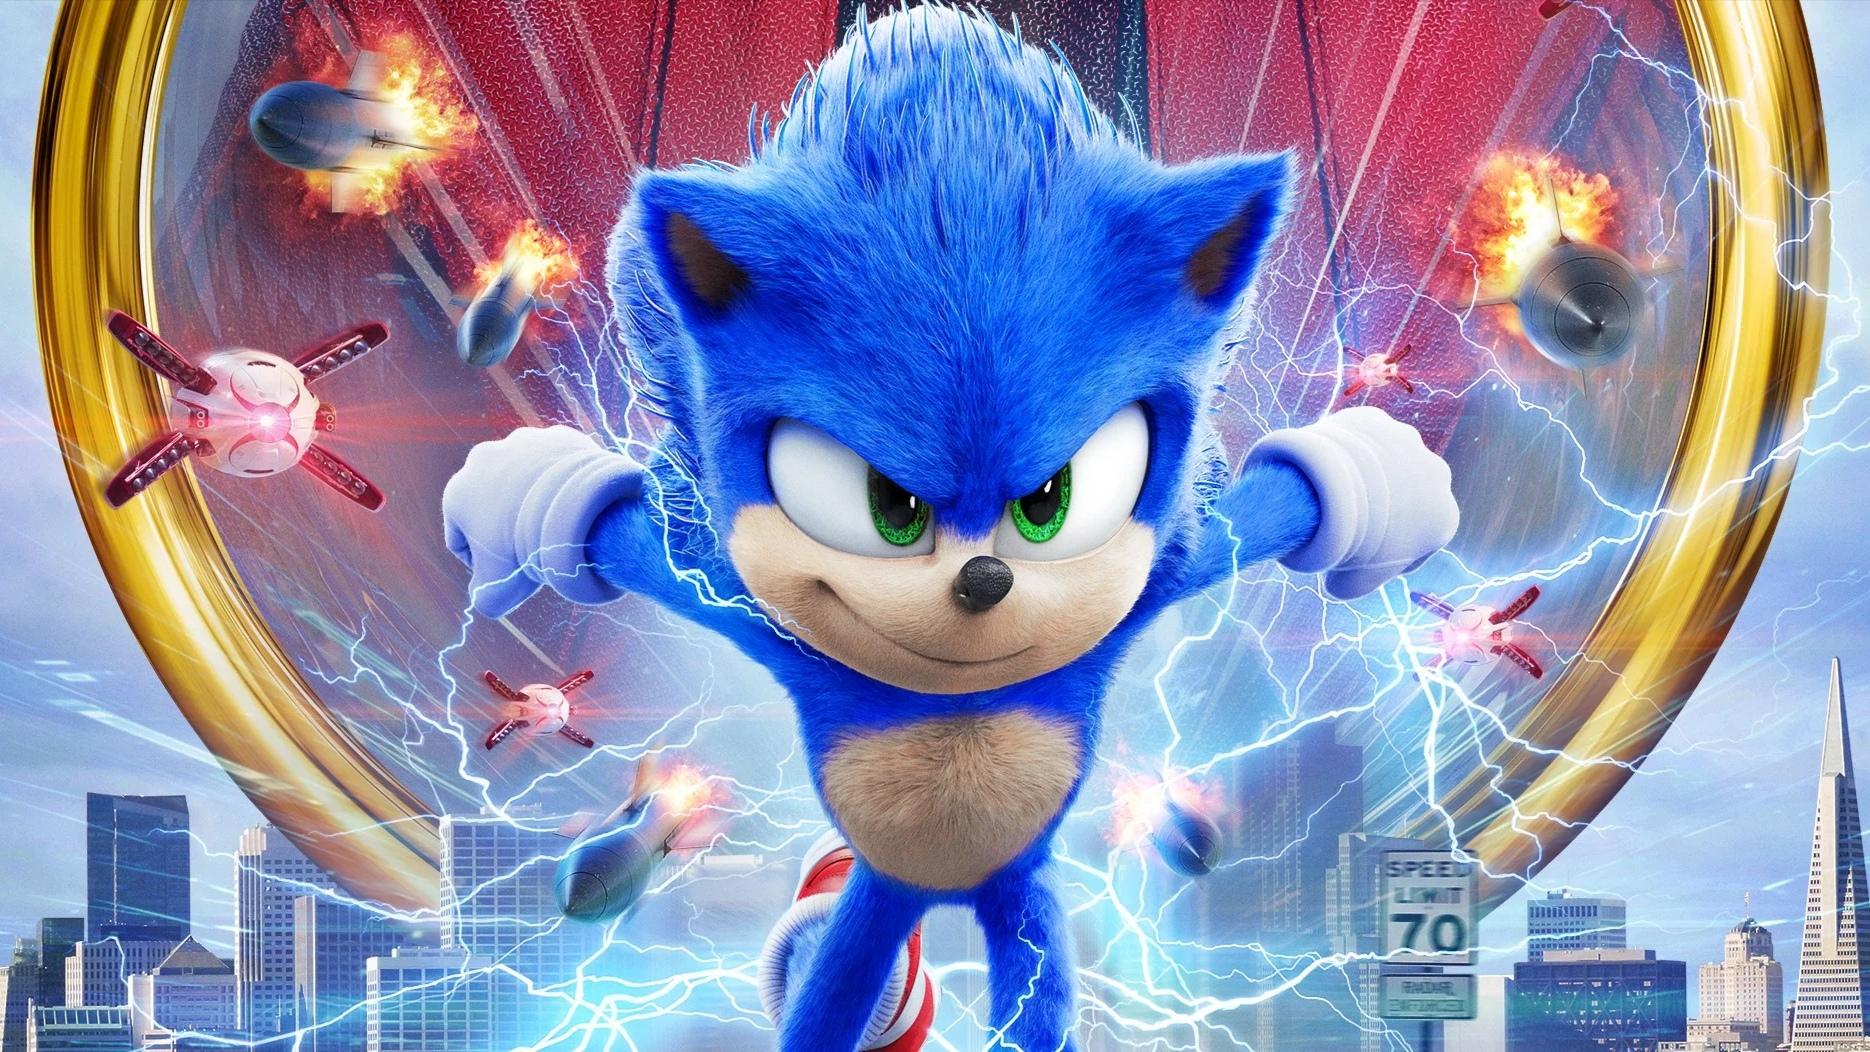 Film Sonic The Hedgehog se dočkal nového traileru a přepracování hrdiny